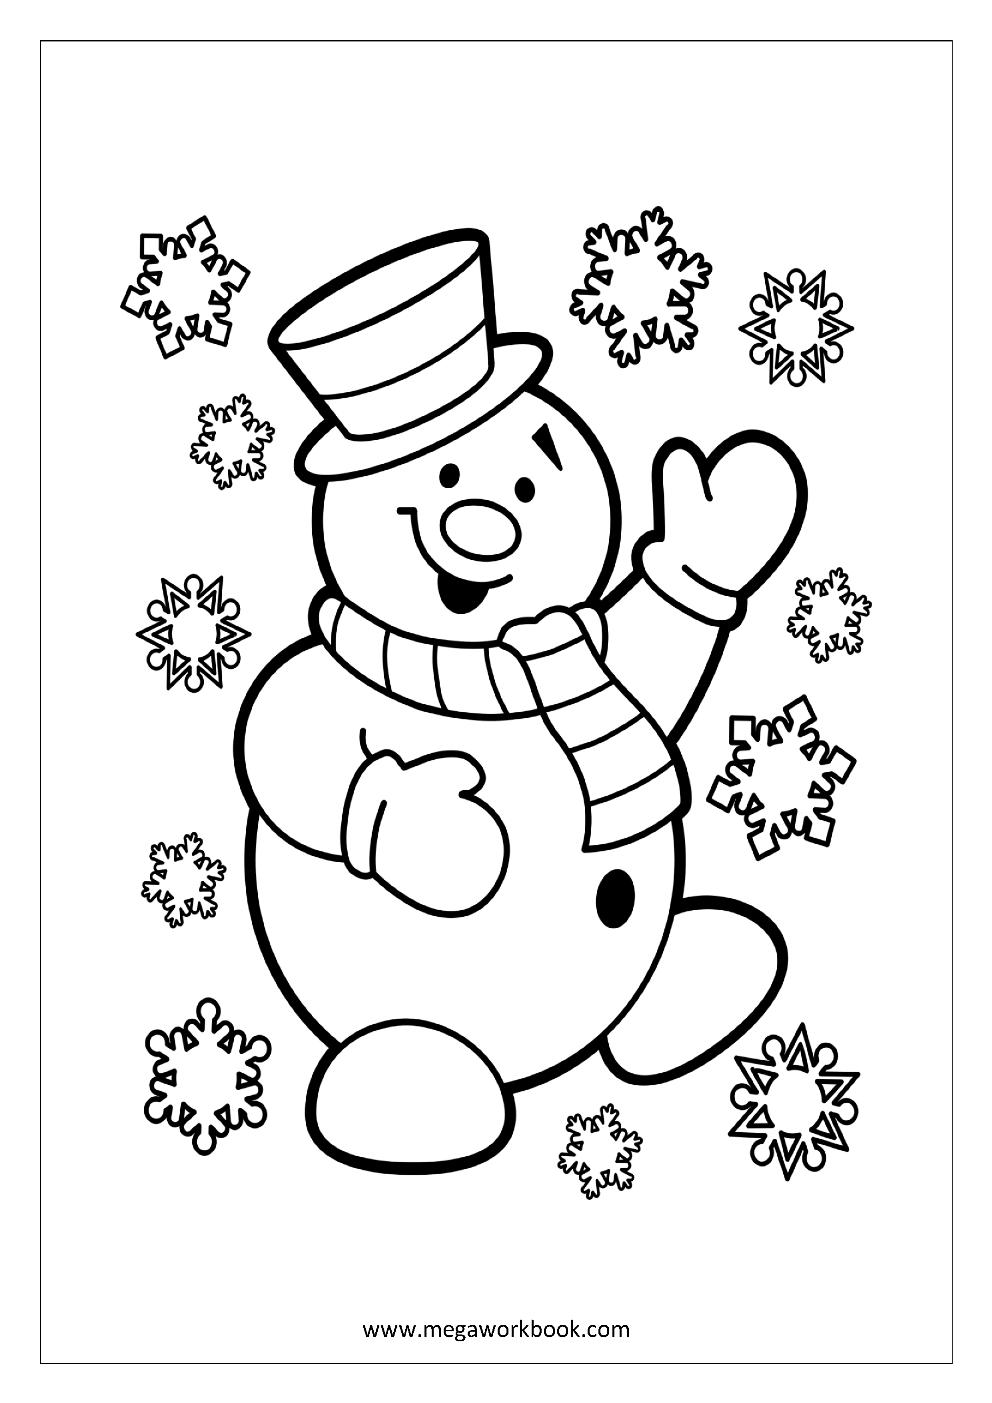 Winter und Schnee Weihnachten Malvorlagen Free